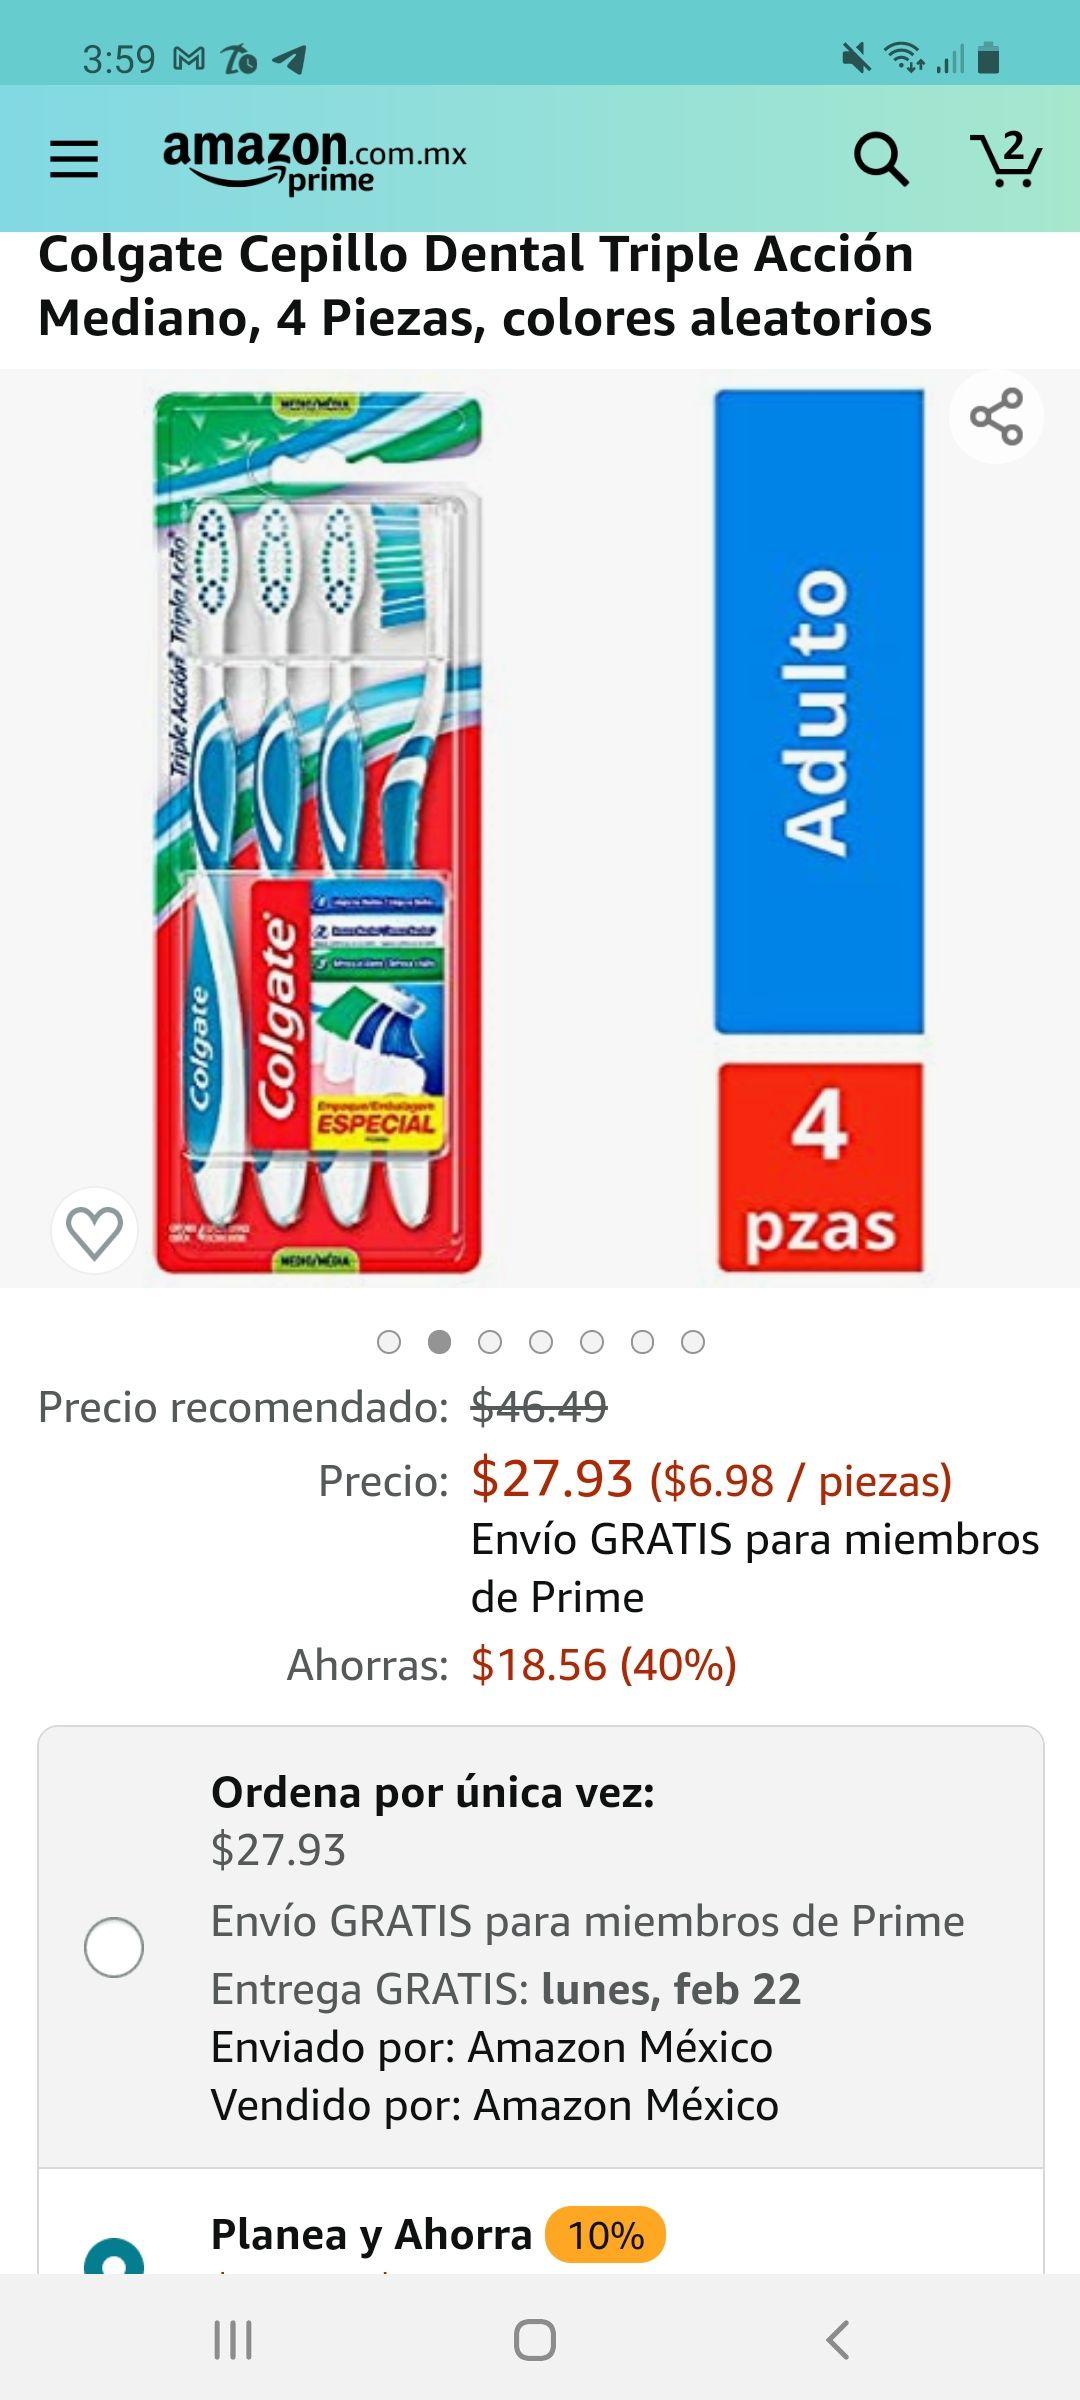 Amazon: Colgate Cepillo Dental Triple Acción Mediano, 4 Piezas, colores aleatorios